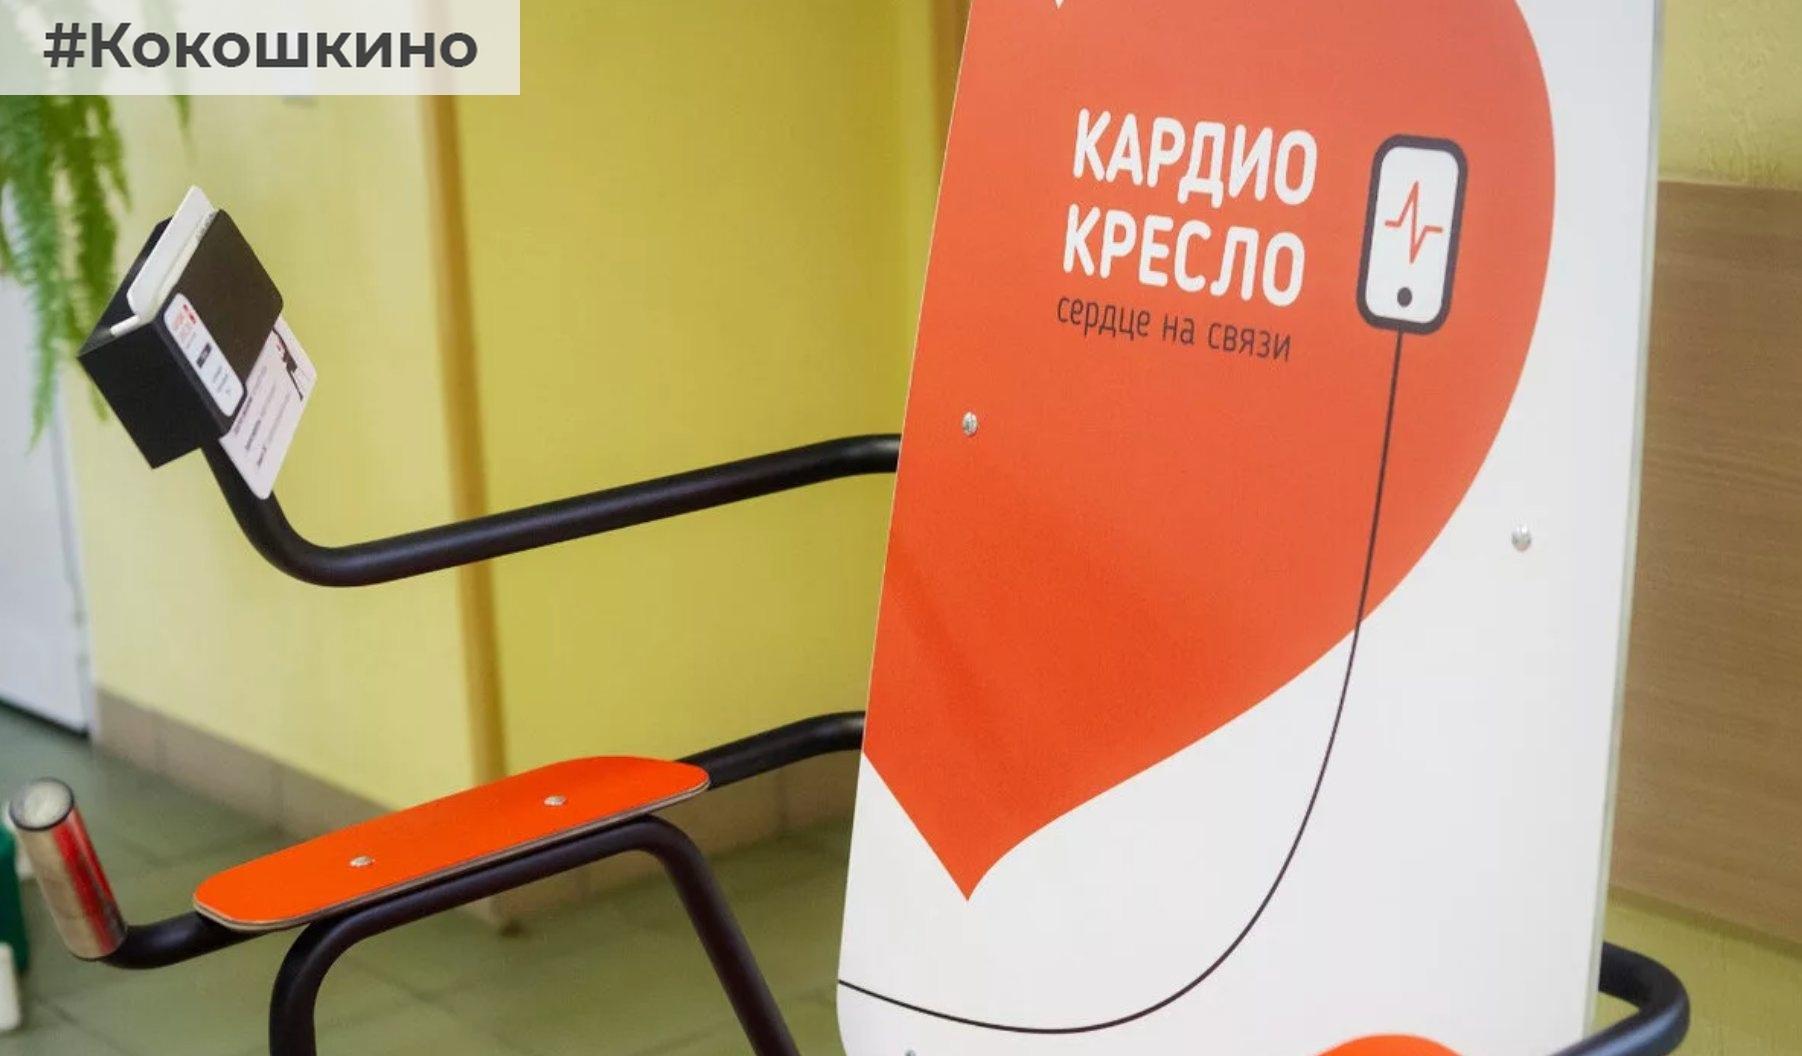 Более 20 тысяч москвичей сделали ЭКГ с помощью кардиокресла в центрах госуслуг